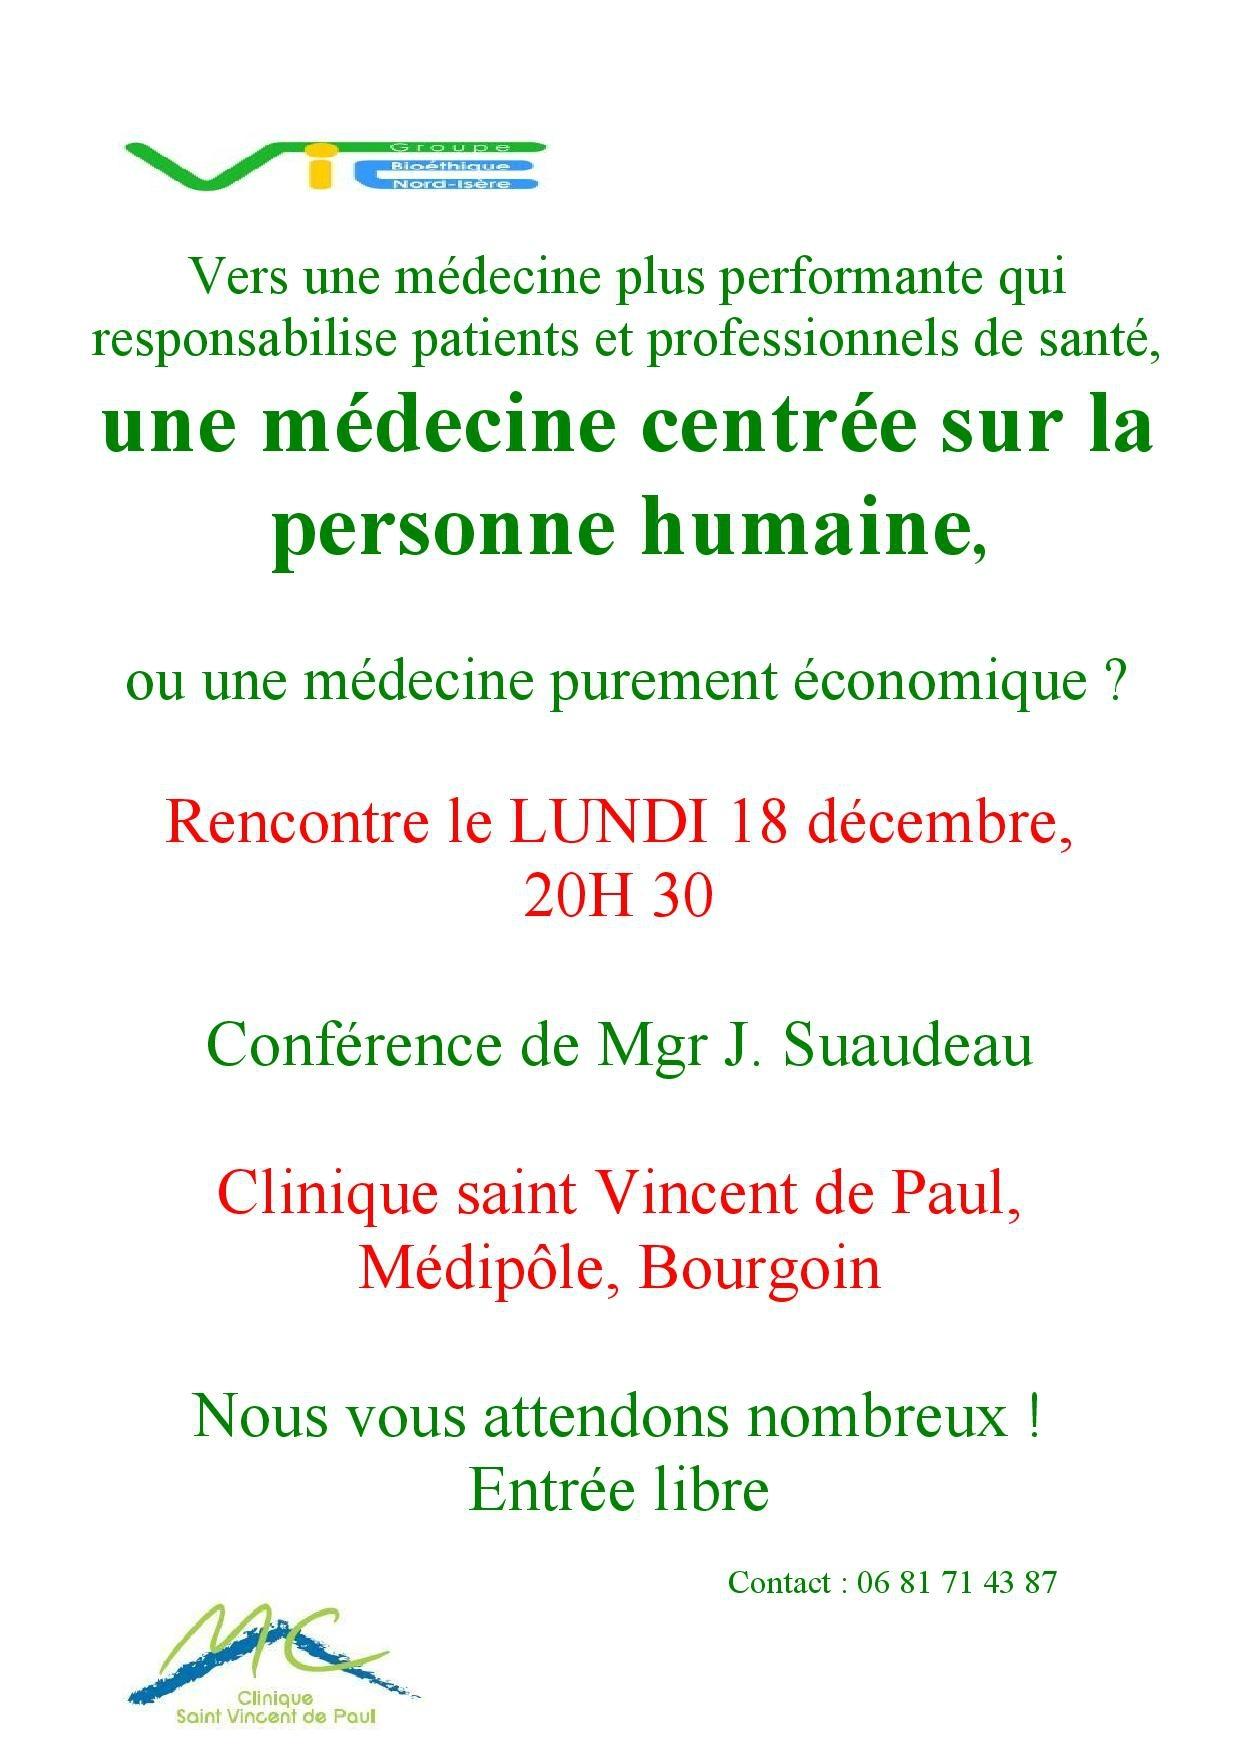 Une médecine centrée sur la personne humaine : conférence ouverte à tous